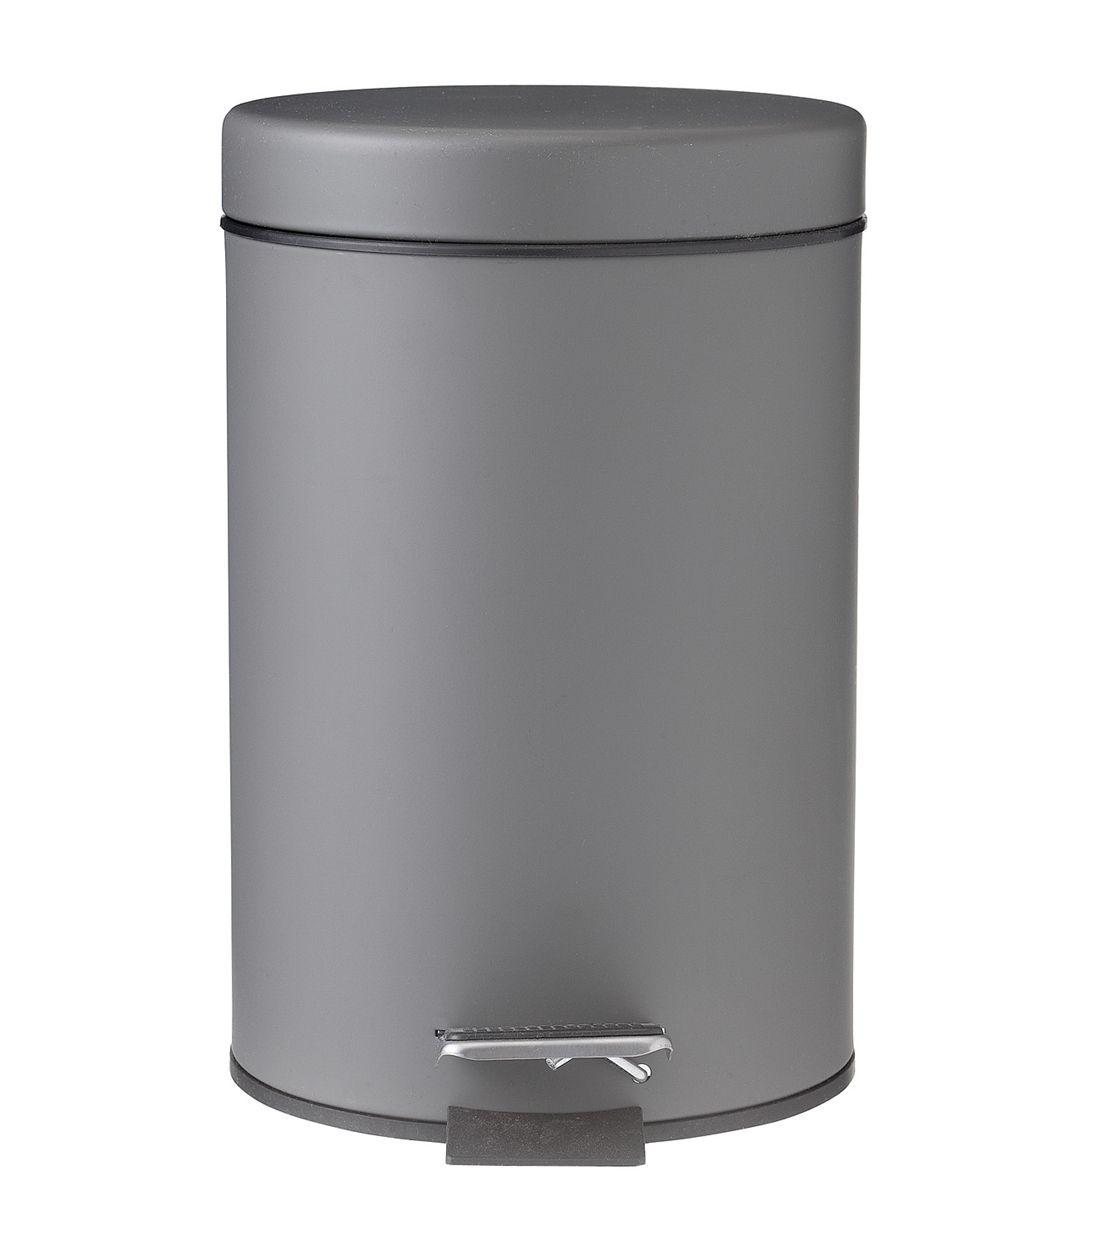 Accessoires En Inox Pour Salle De Bain ~ accessoires en inox pour salle de bain poubelle p dale future